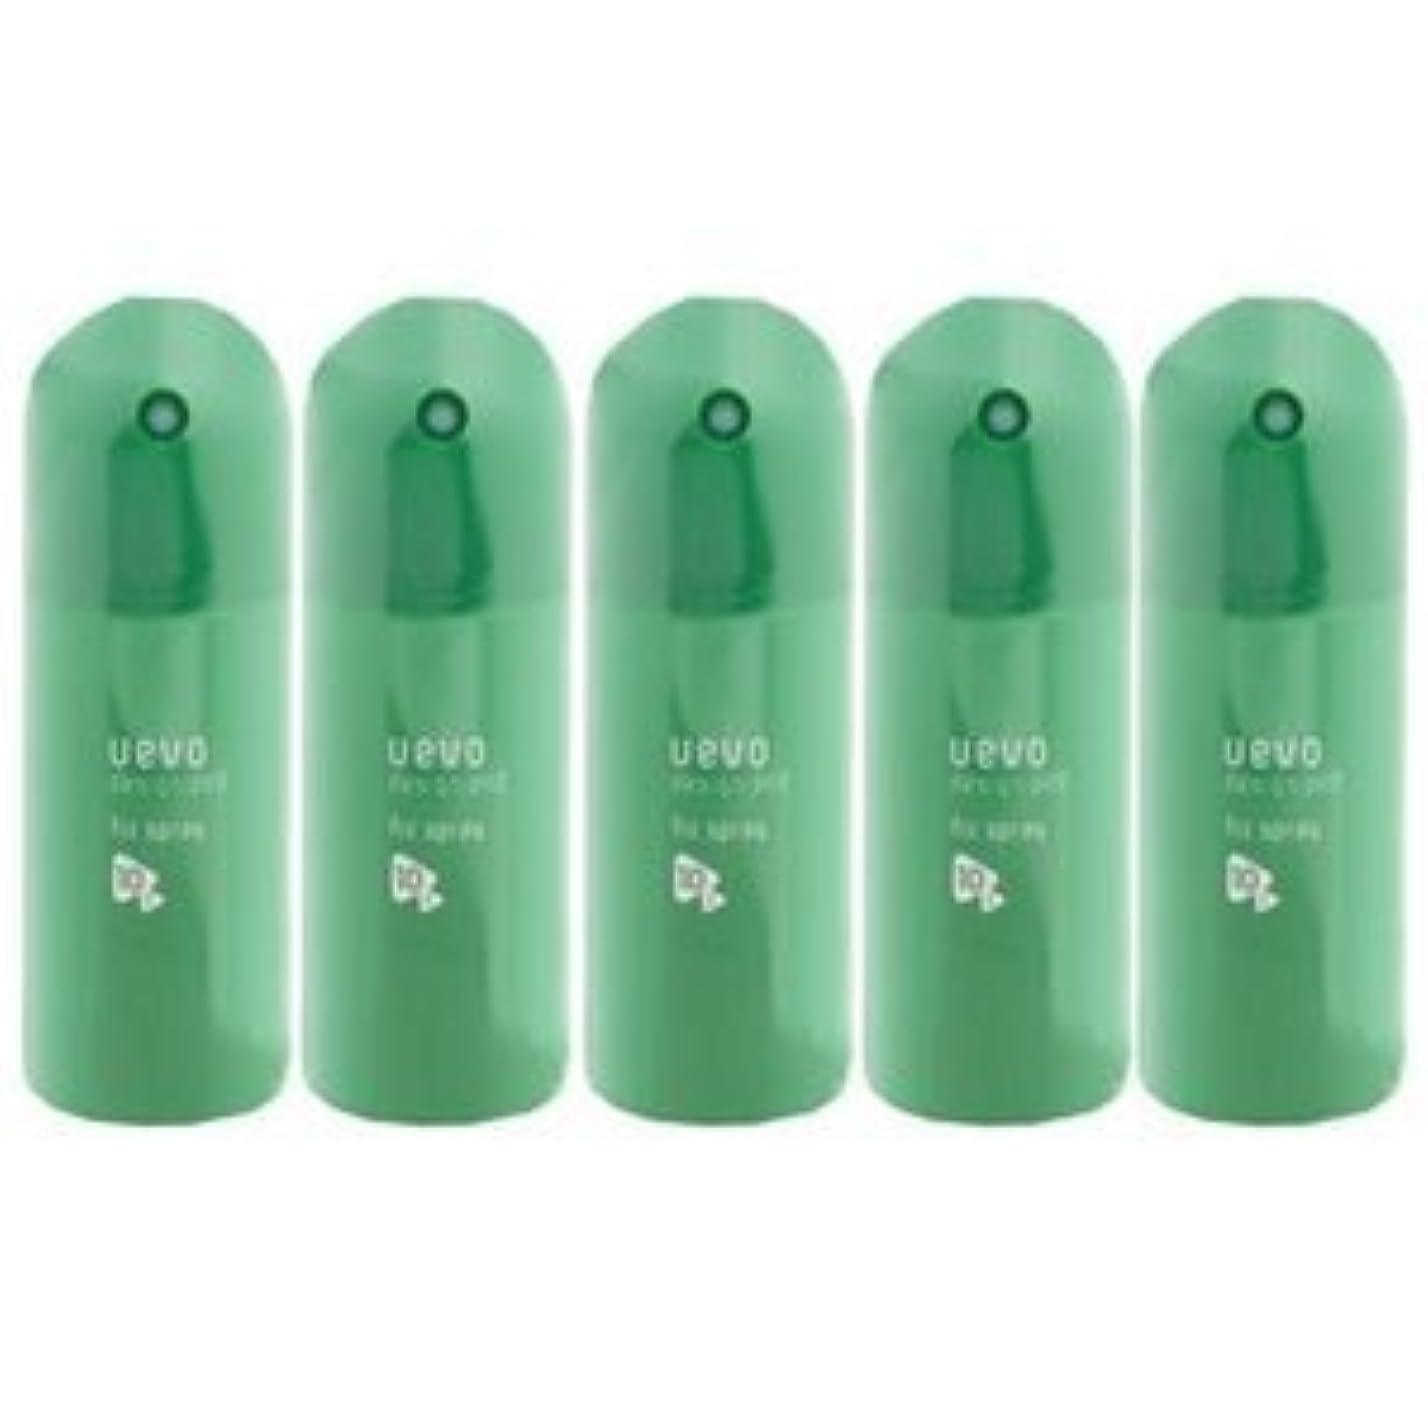 スリル骨納税者【X5個セット】 デミ ウェーボ デザインポッド フィックススプレー 220ml fix spray